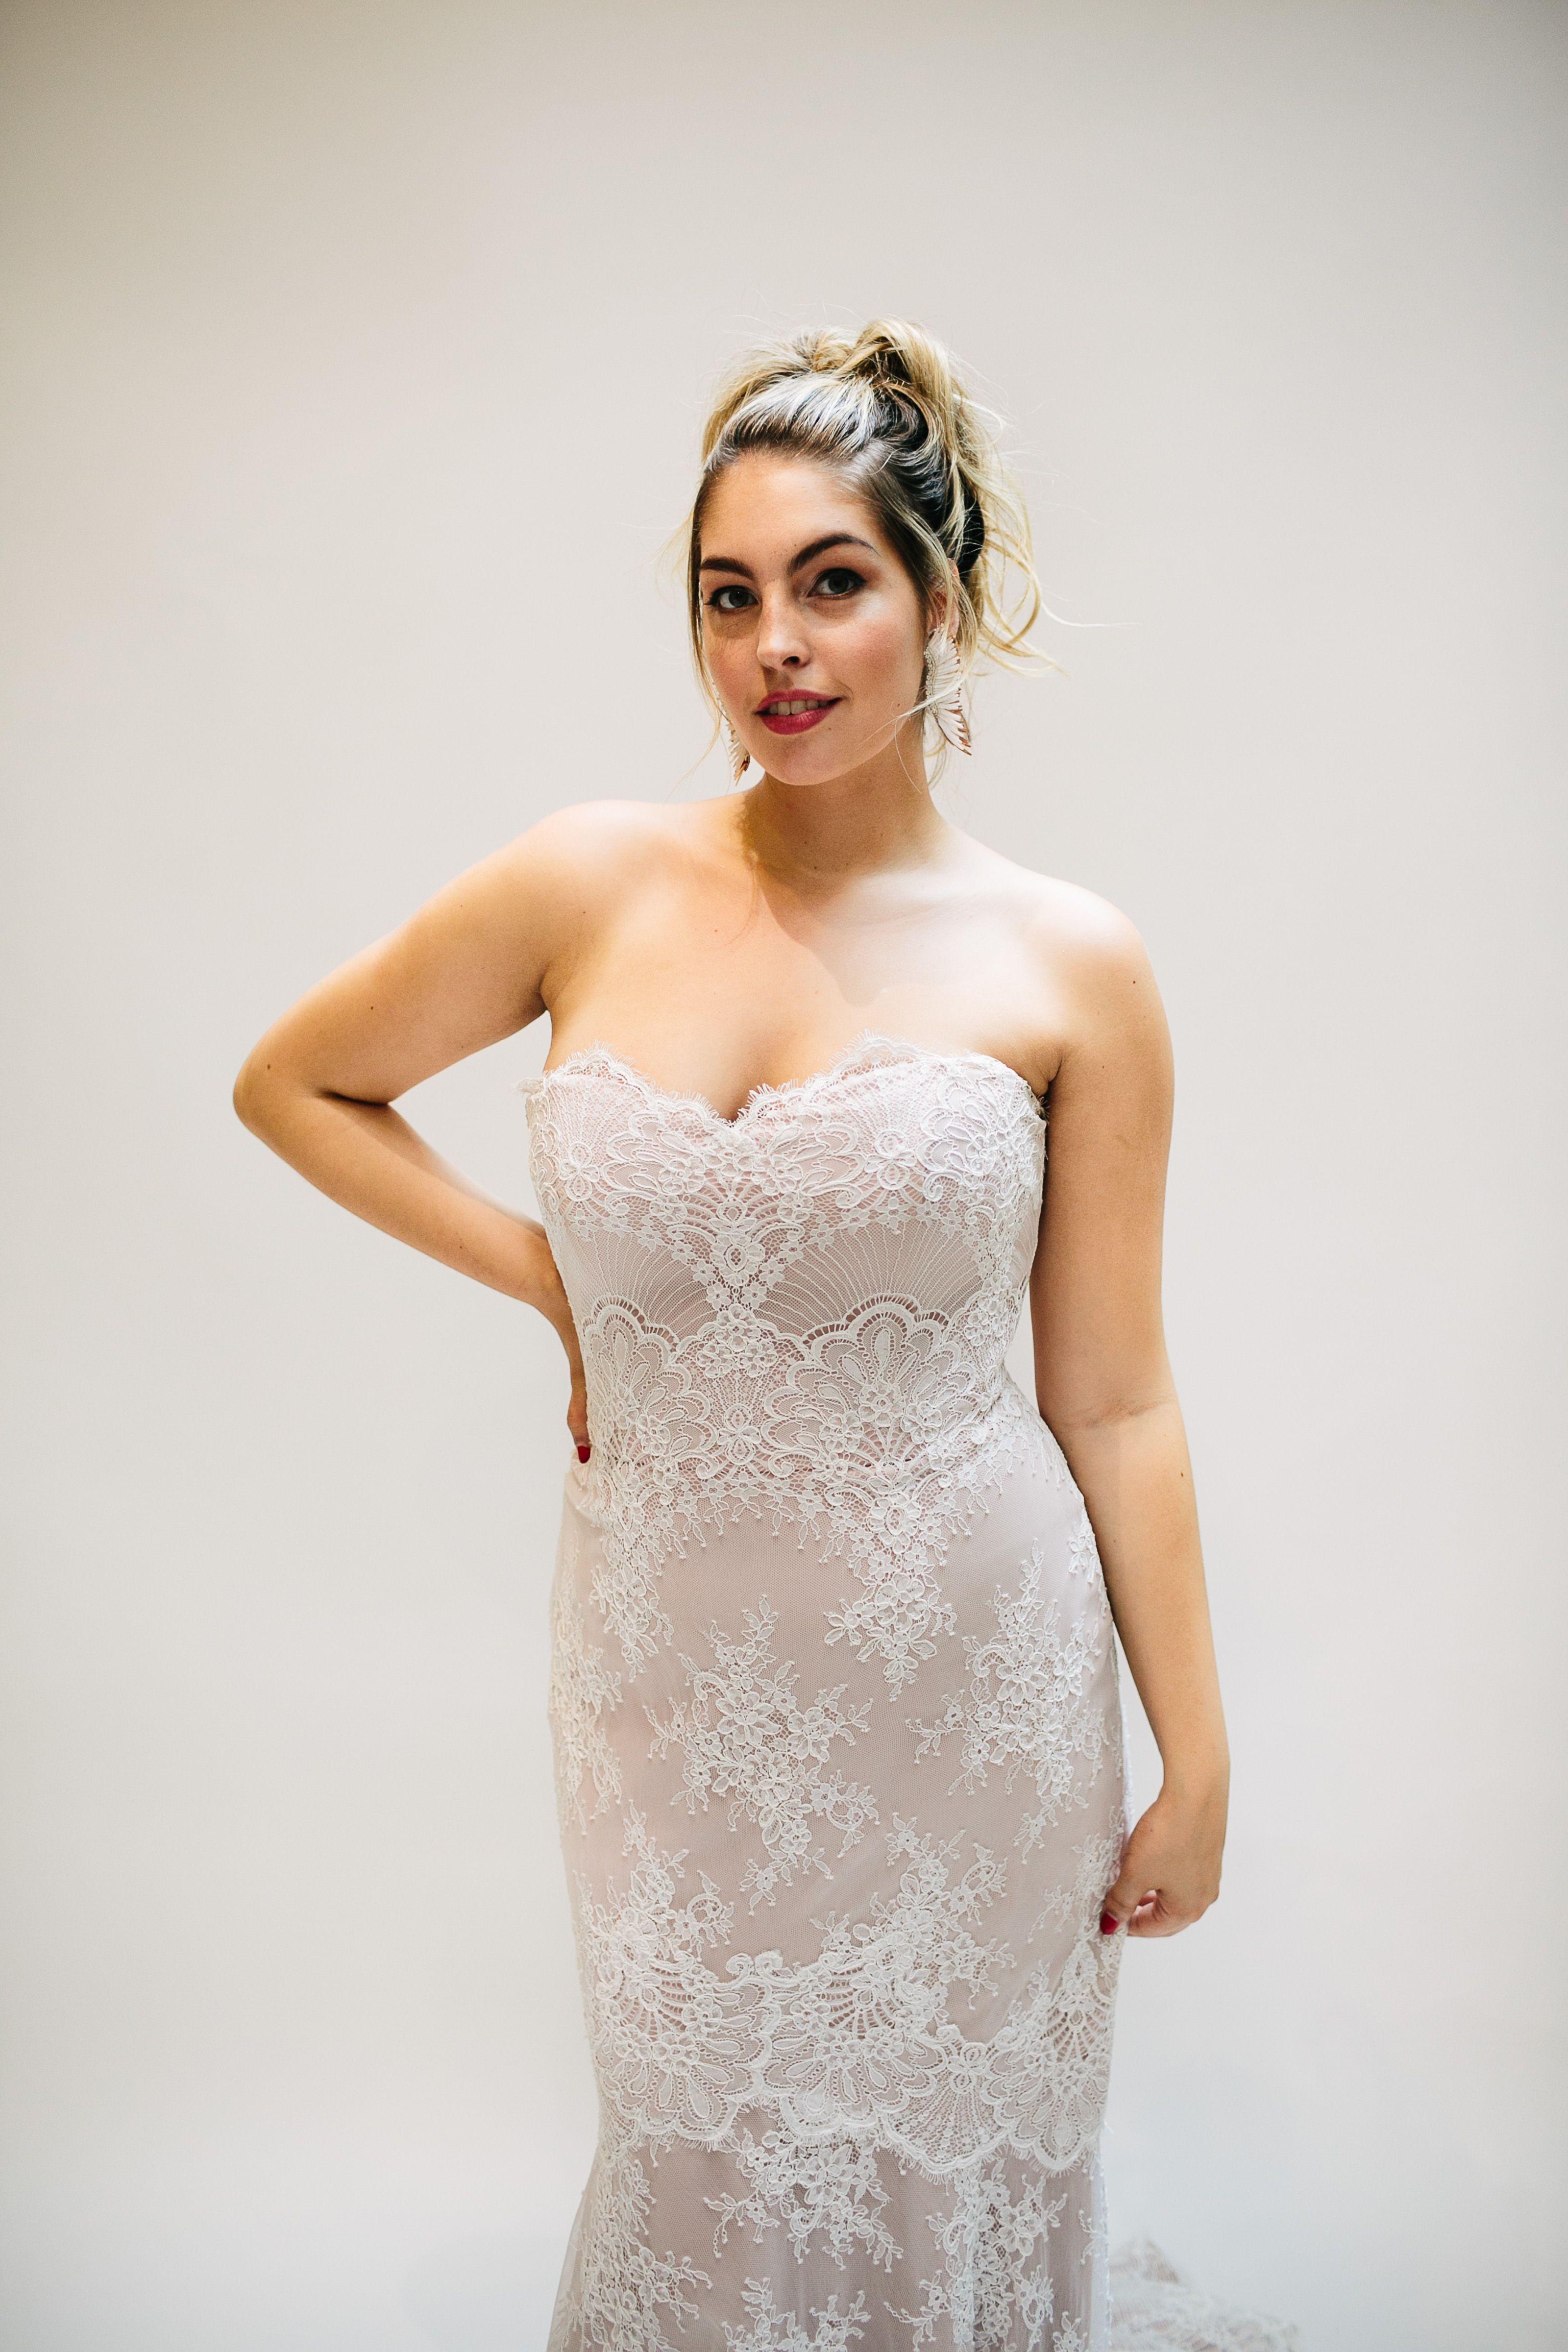 Dies ist die beste Brautkleid Boutique für Plus-Size-Bräute ...